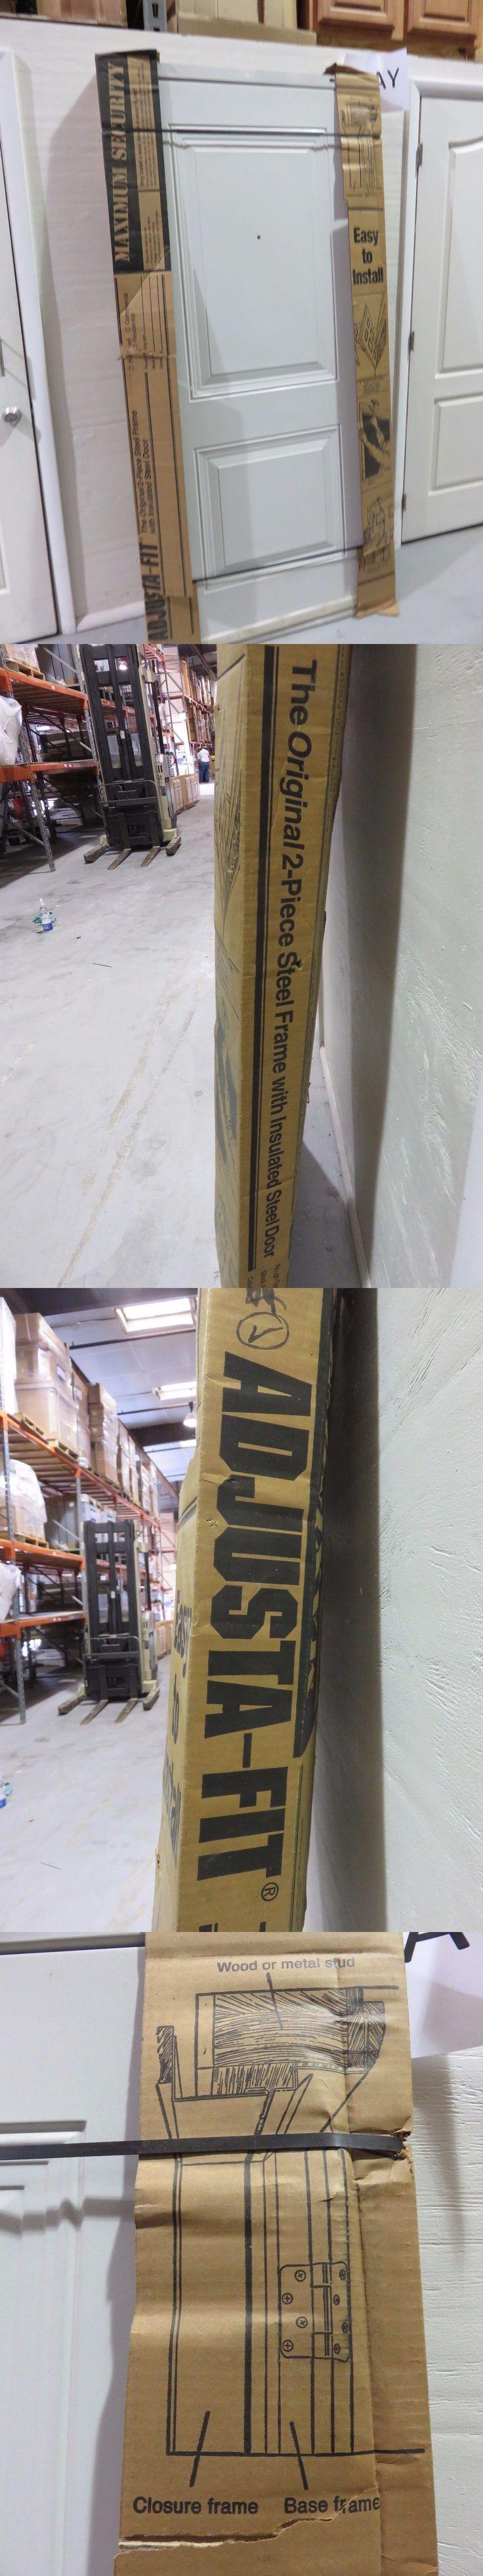 Doors 85892: Adjusta-Fit Pre-Hung Steel Exterior Door 36 X 80 Right Hand - Commercial Grade -> BUY IT NOW ONLY: $150 on eBay!